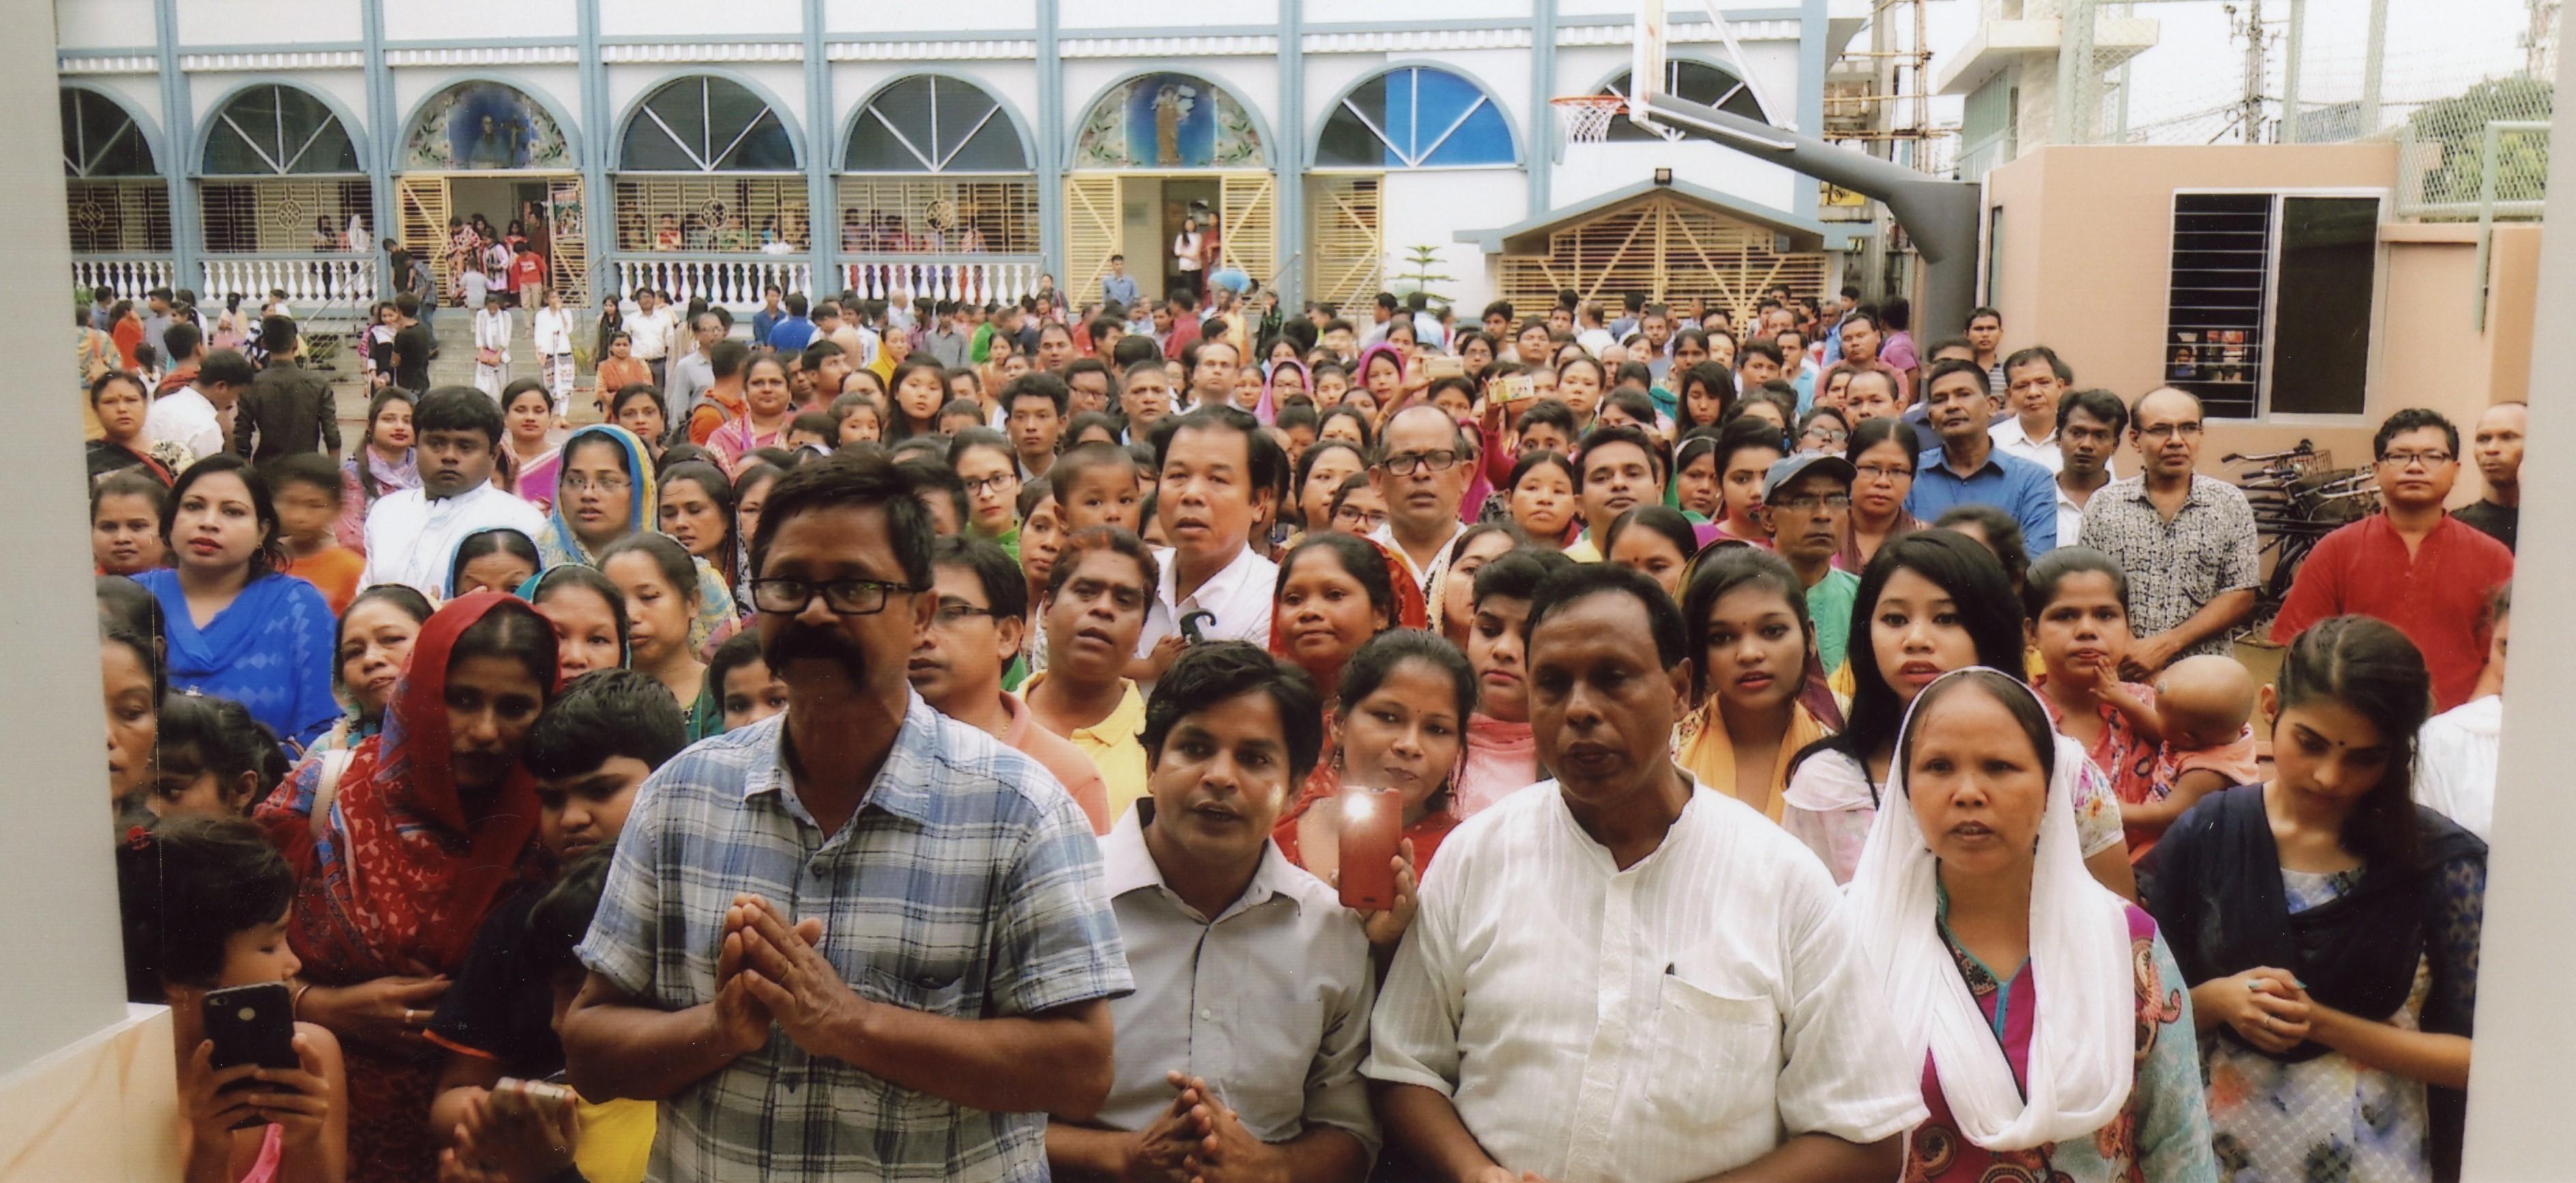 Una iglesia nueva con centro parroquial alegra a los creyentes de Bangladesh